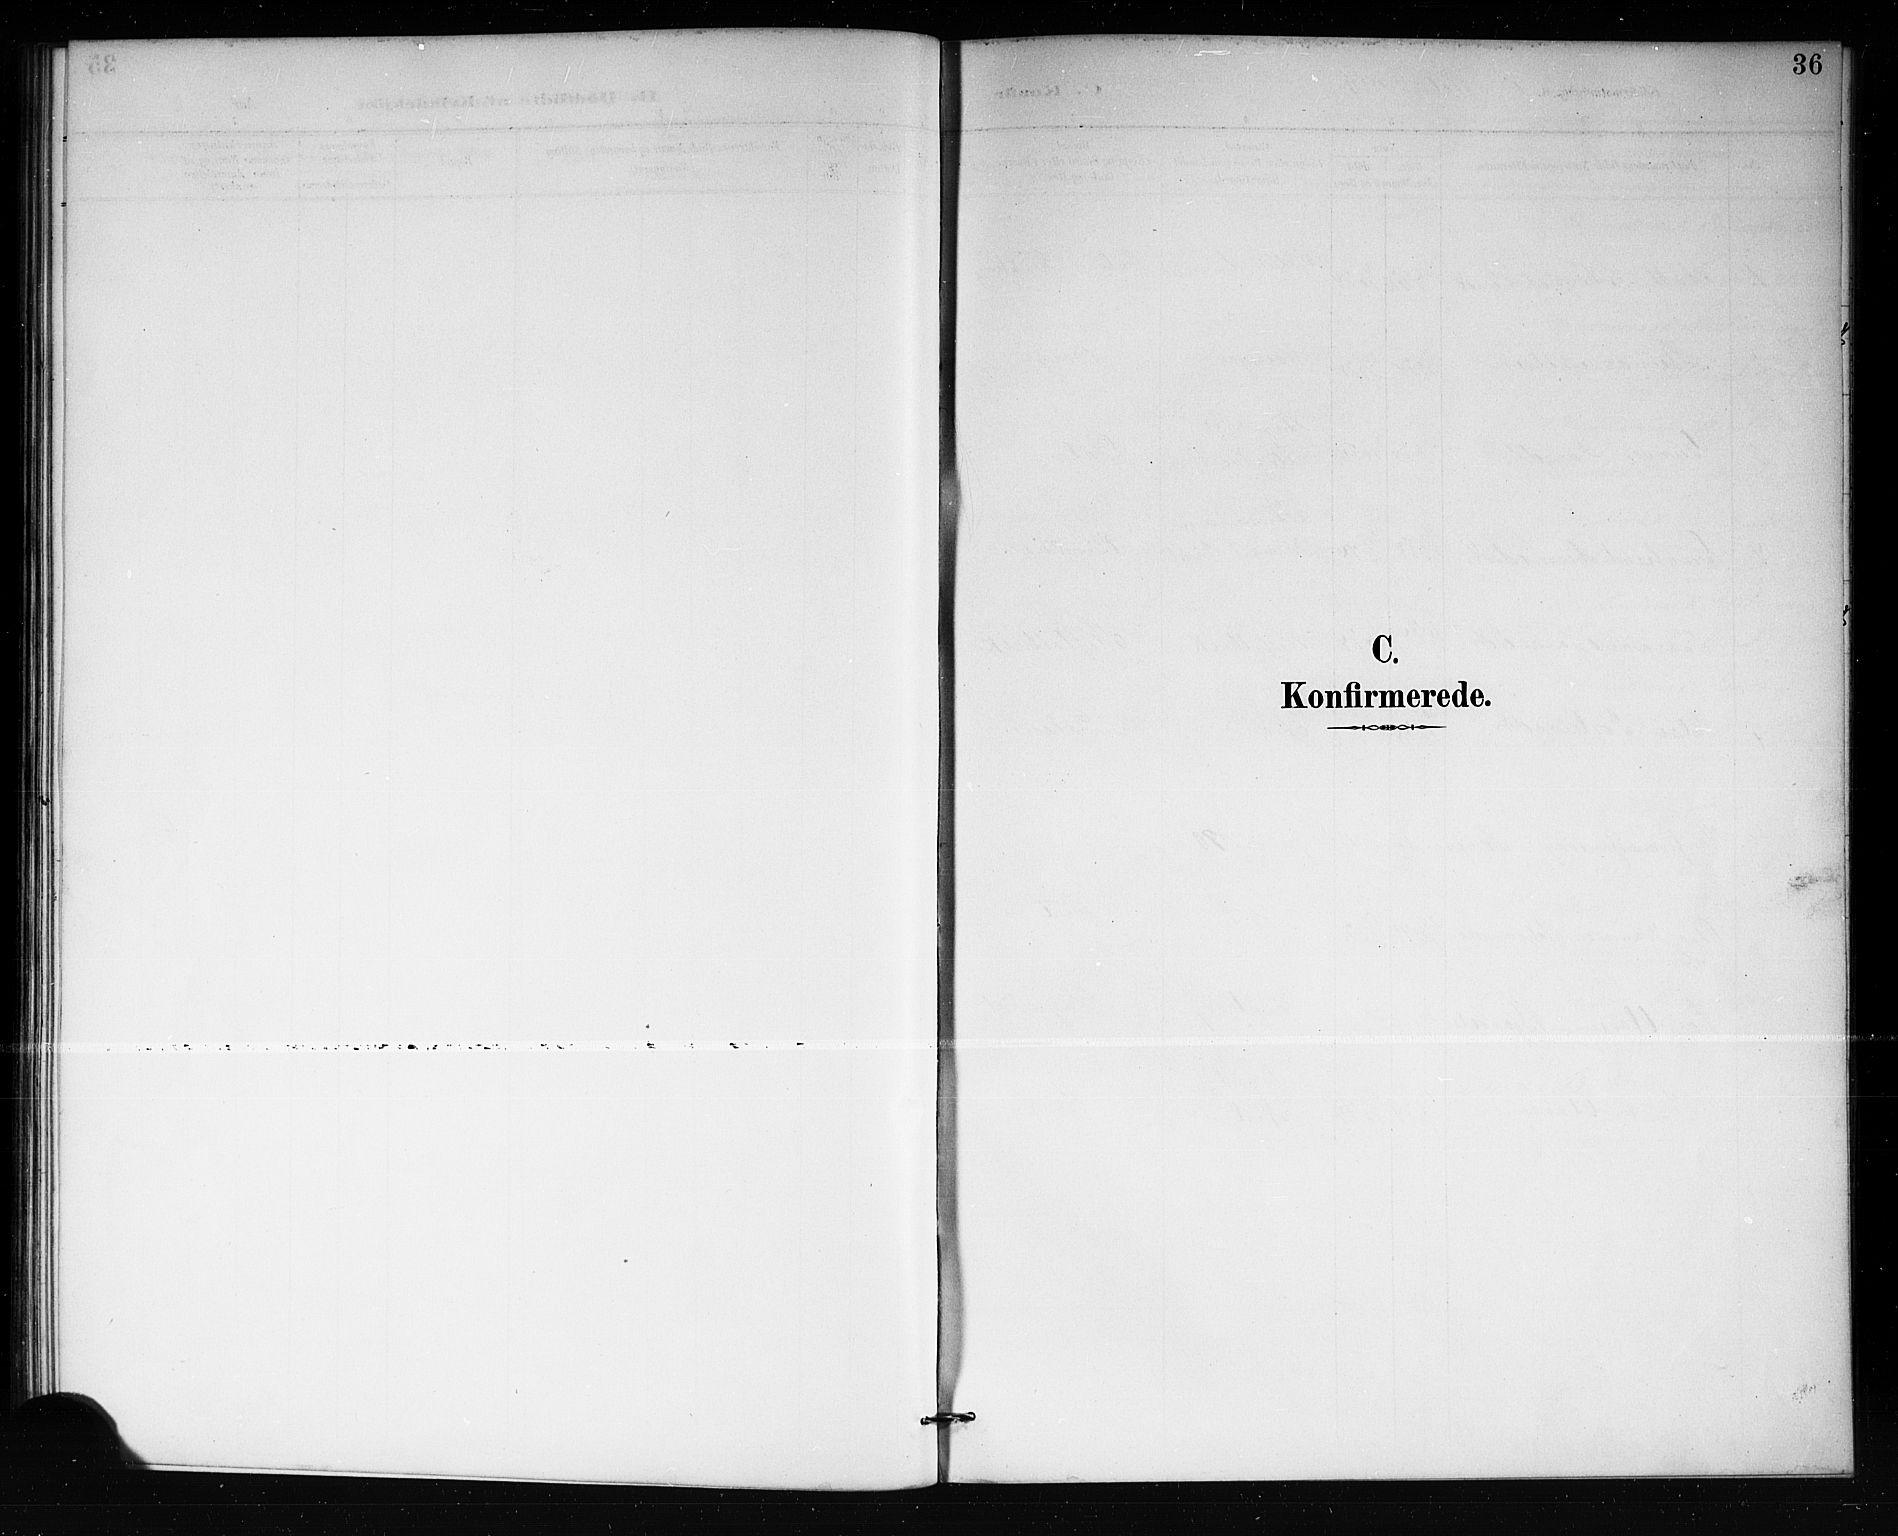 SAKO, Lårdal kirkebøker, G/Gb/L0003: Parish register (copy) no. II 3, 1889-1920, p. 36